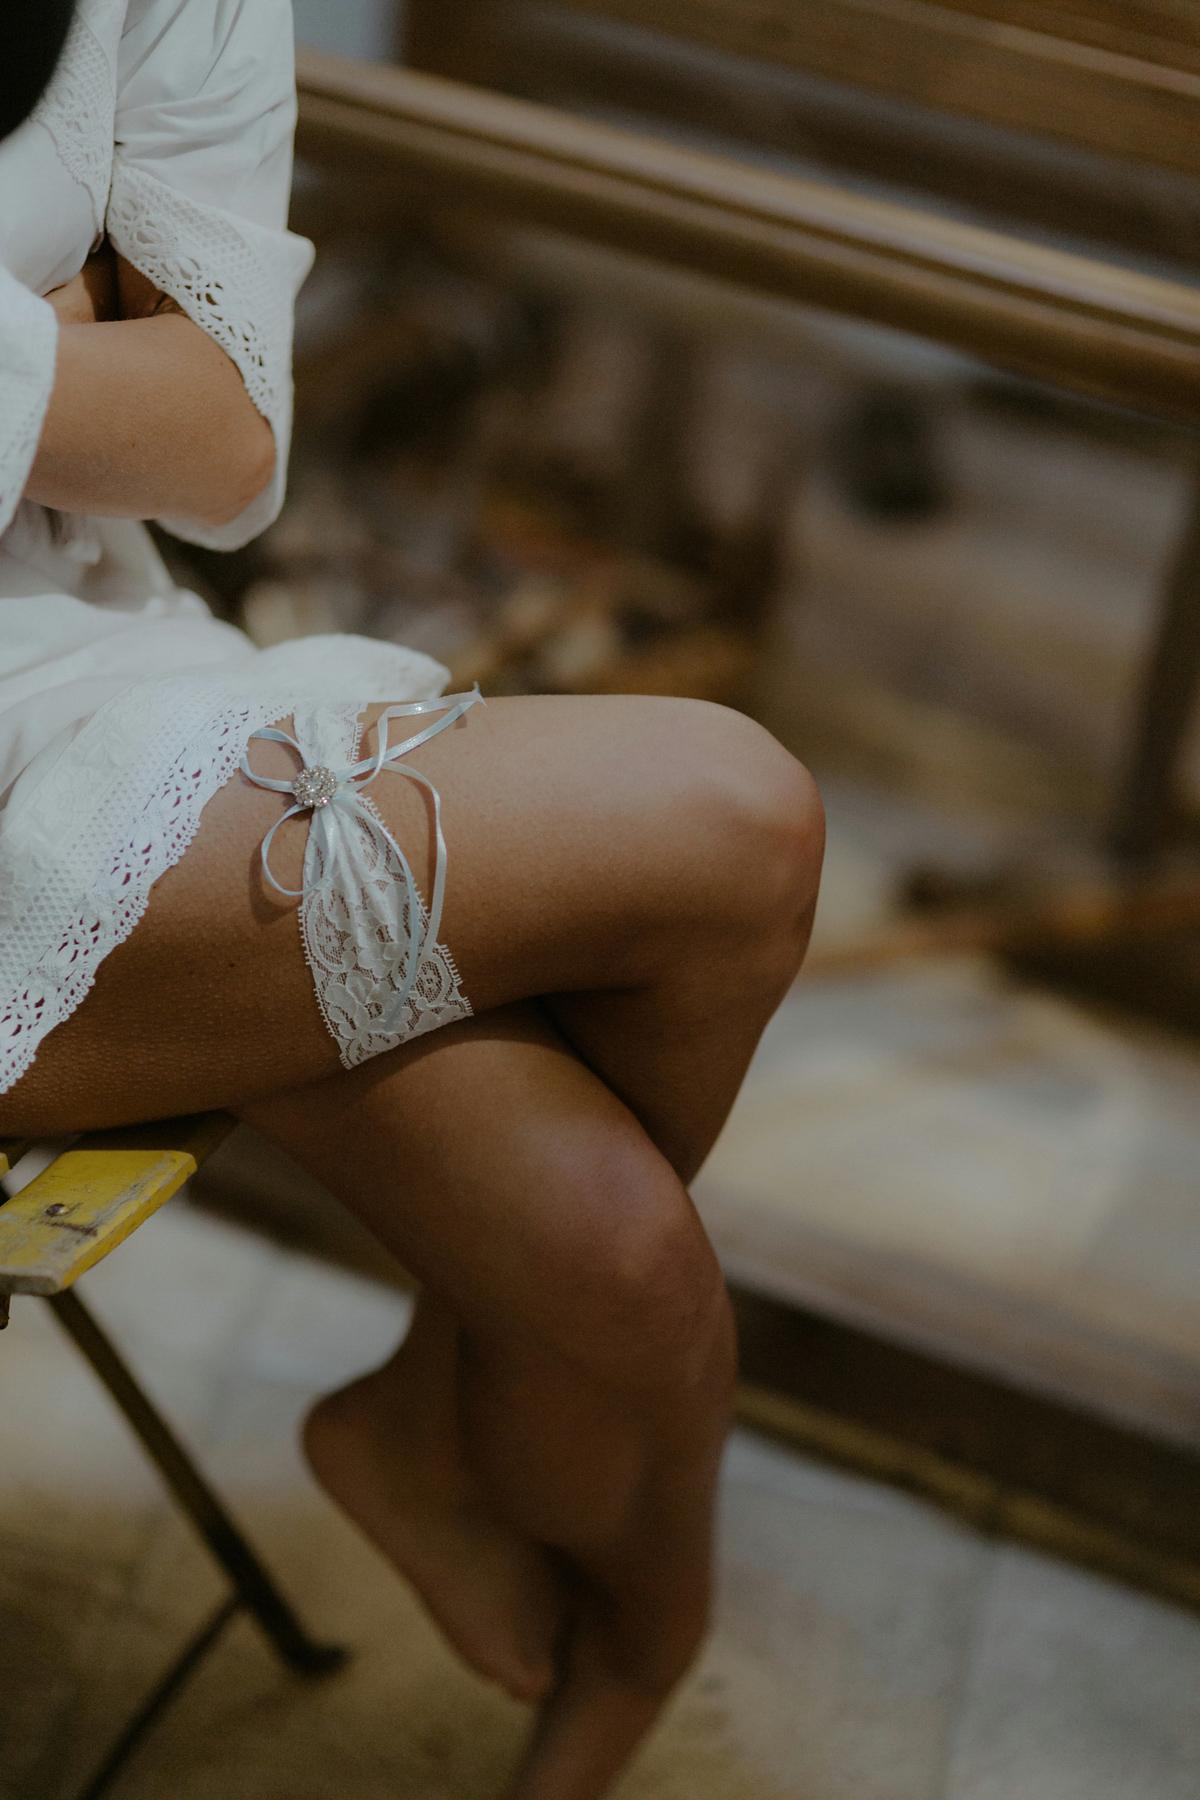 Panties Lindy Davies nude (79 foto) Gallery, iCloud, in bikini